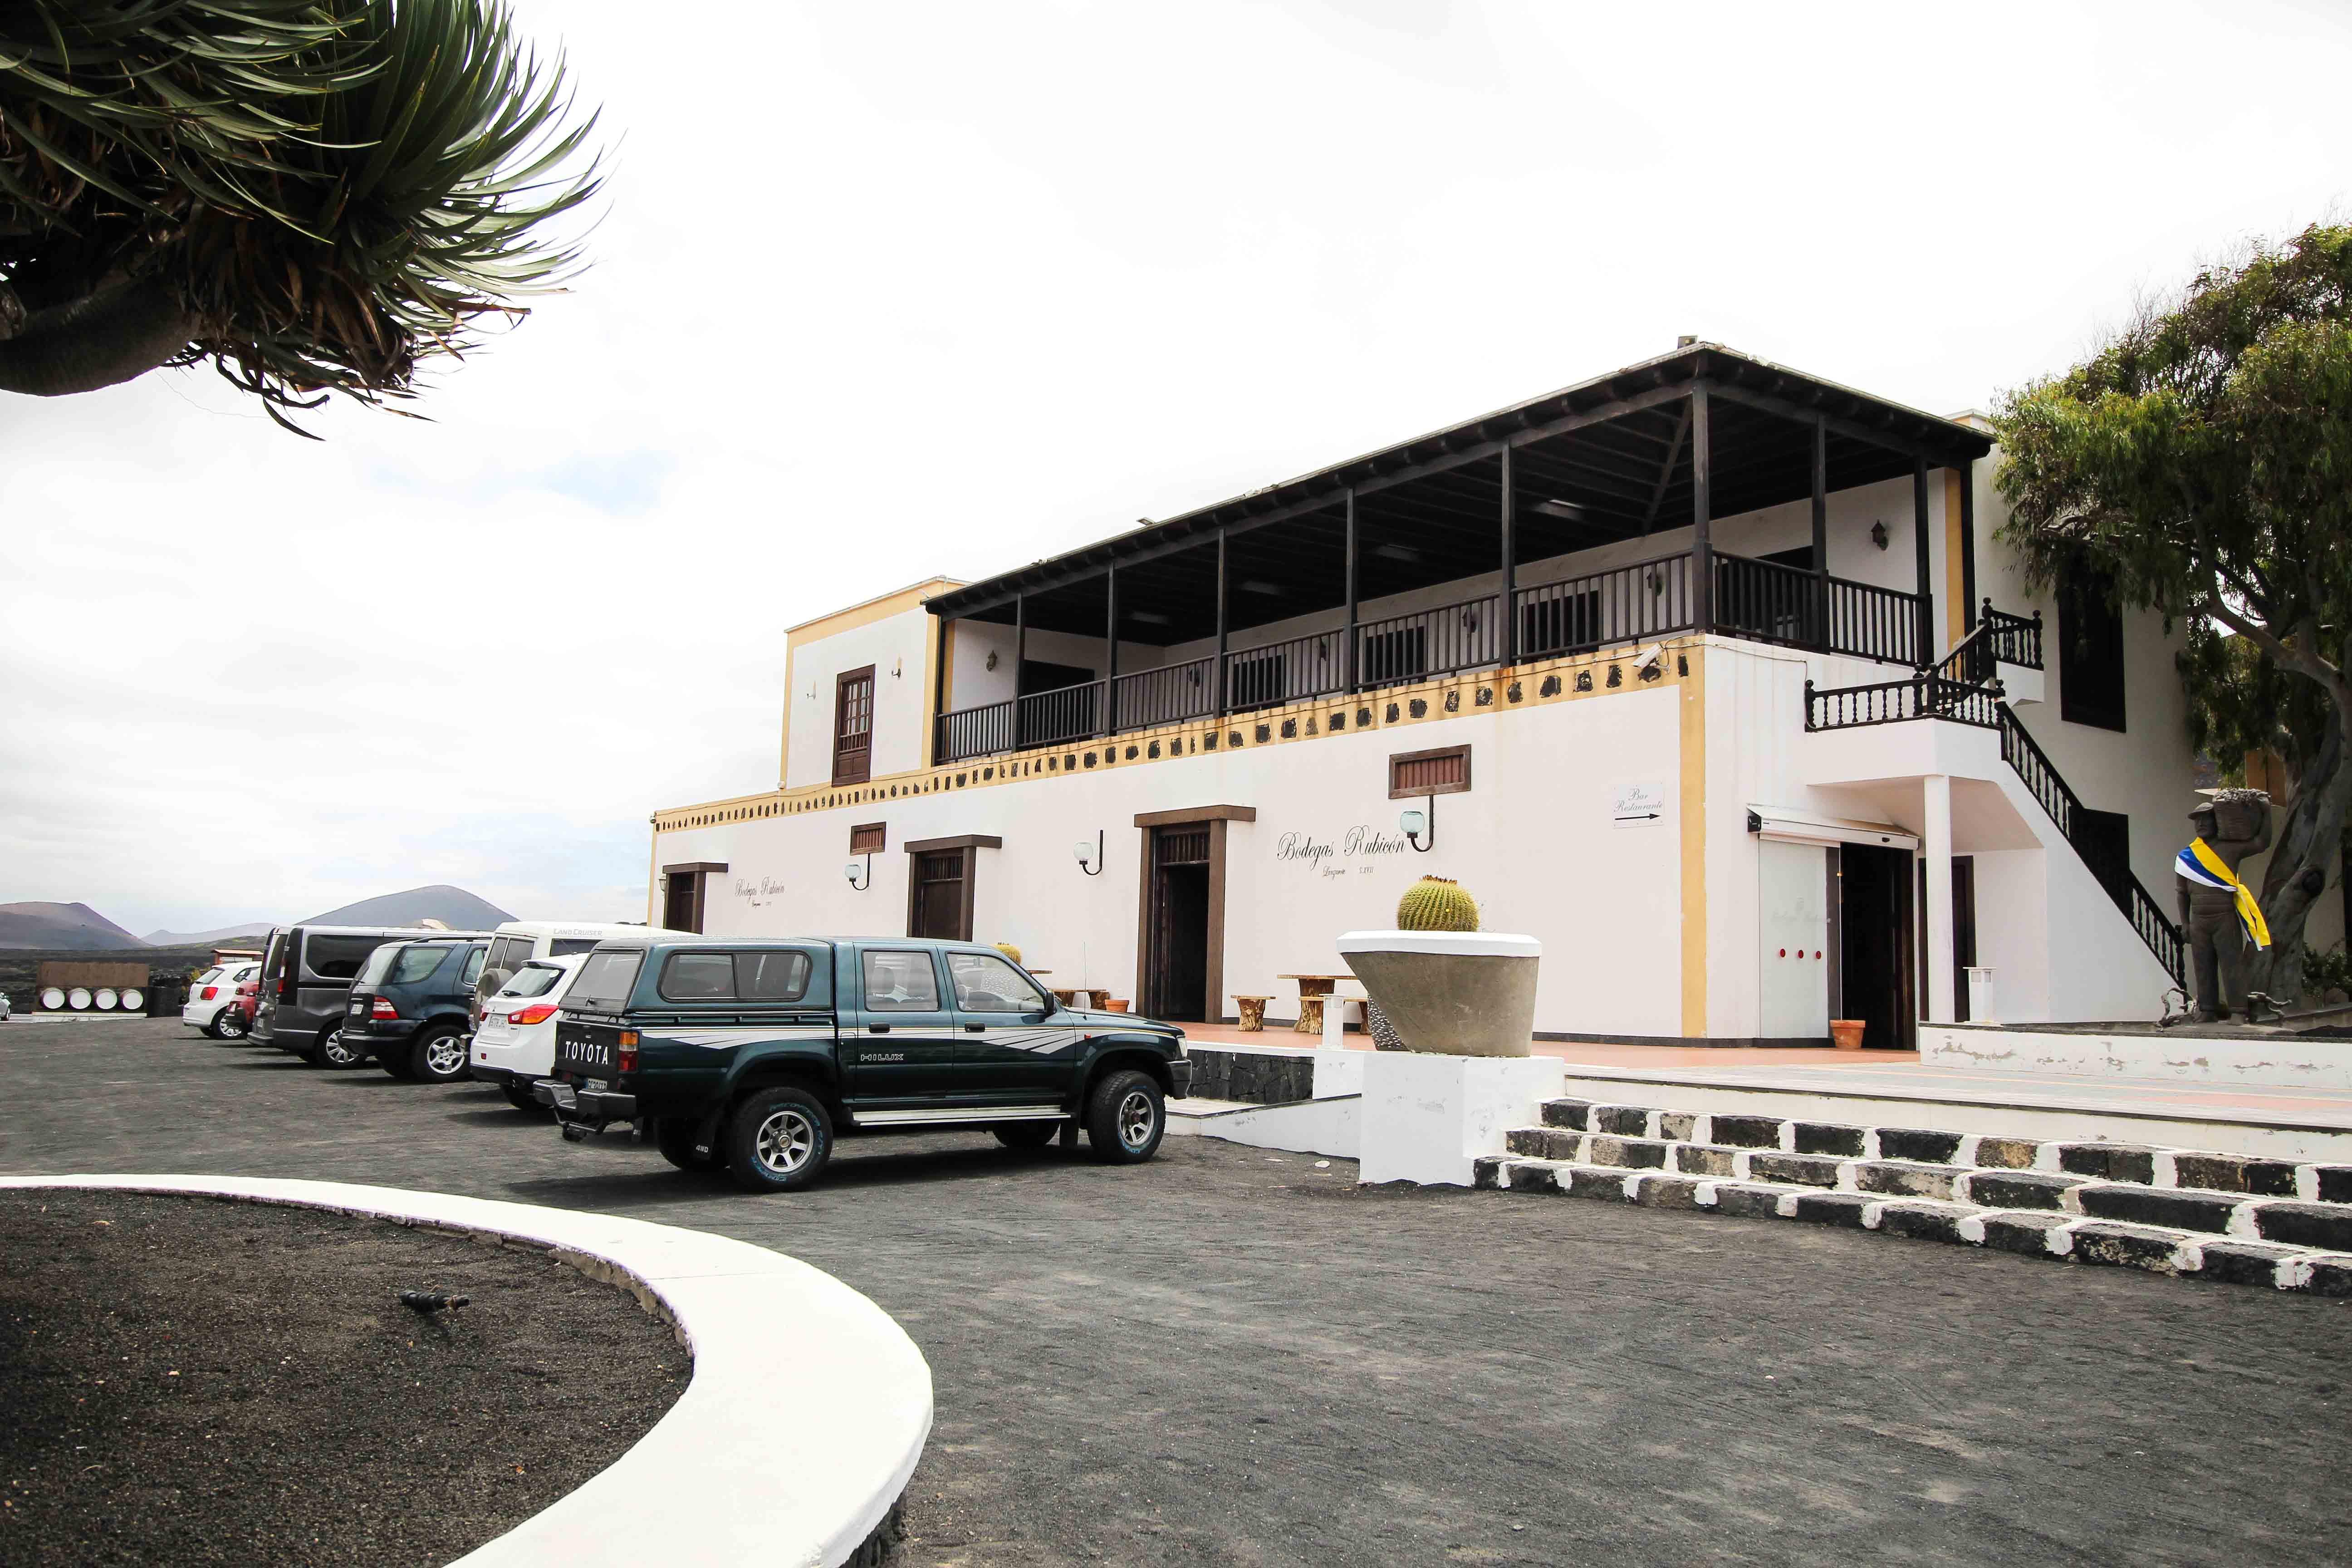 Top 10 Tipps Lanzarote Sehenswürdigkeiten Insider Tipps Lanzarote Spanien La Geria Weinbaugebiet Wein Vulkan Bodega Rubicon Winzer